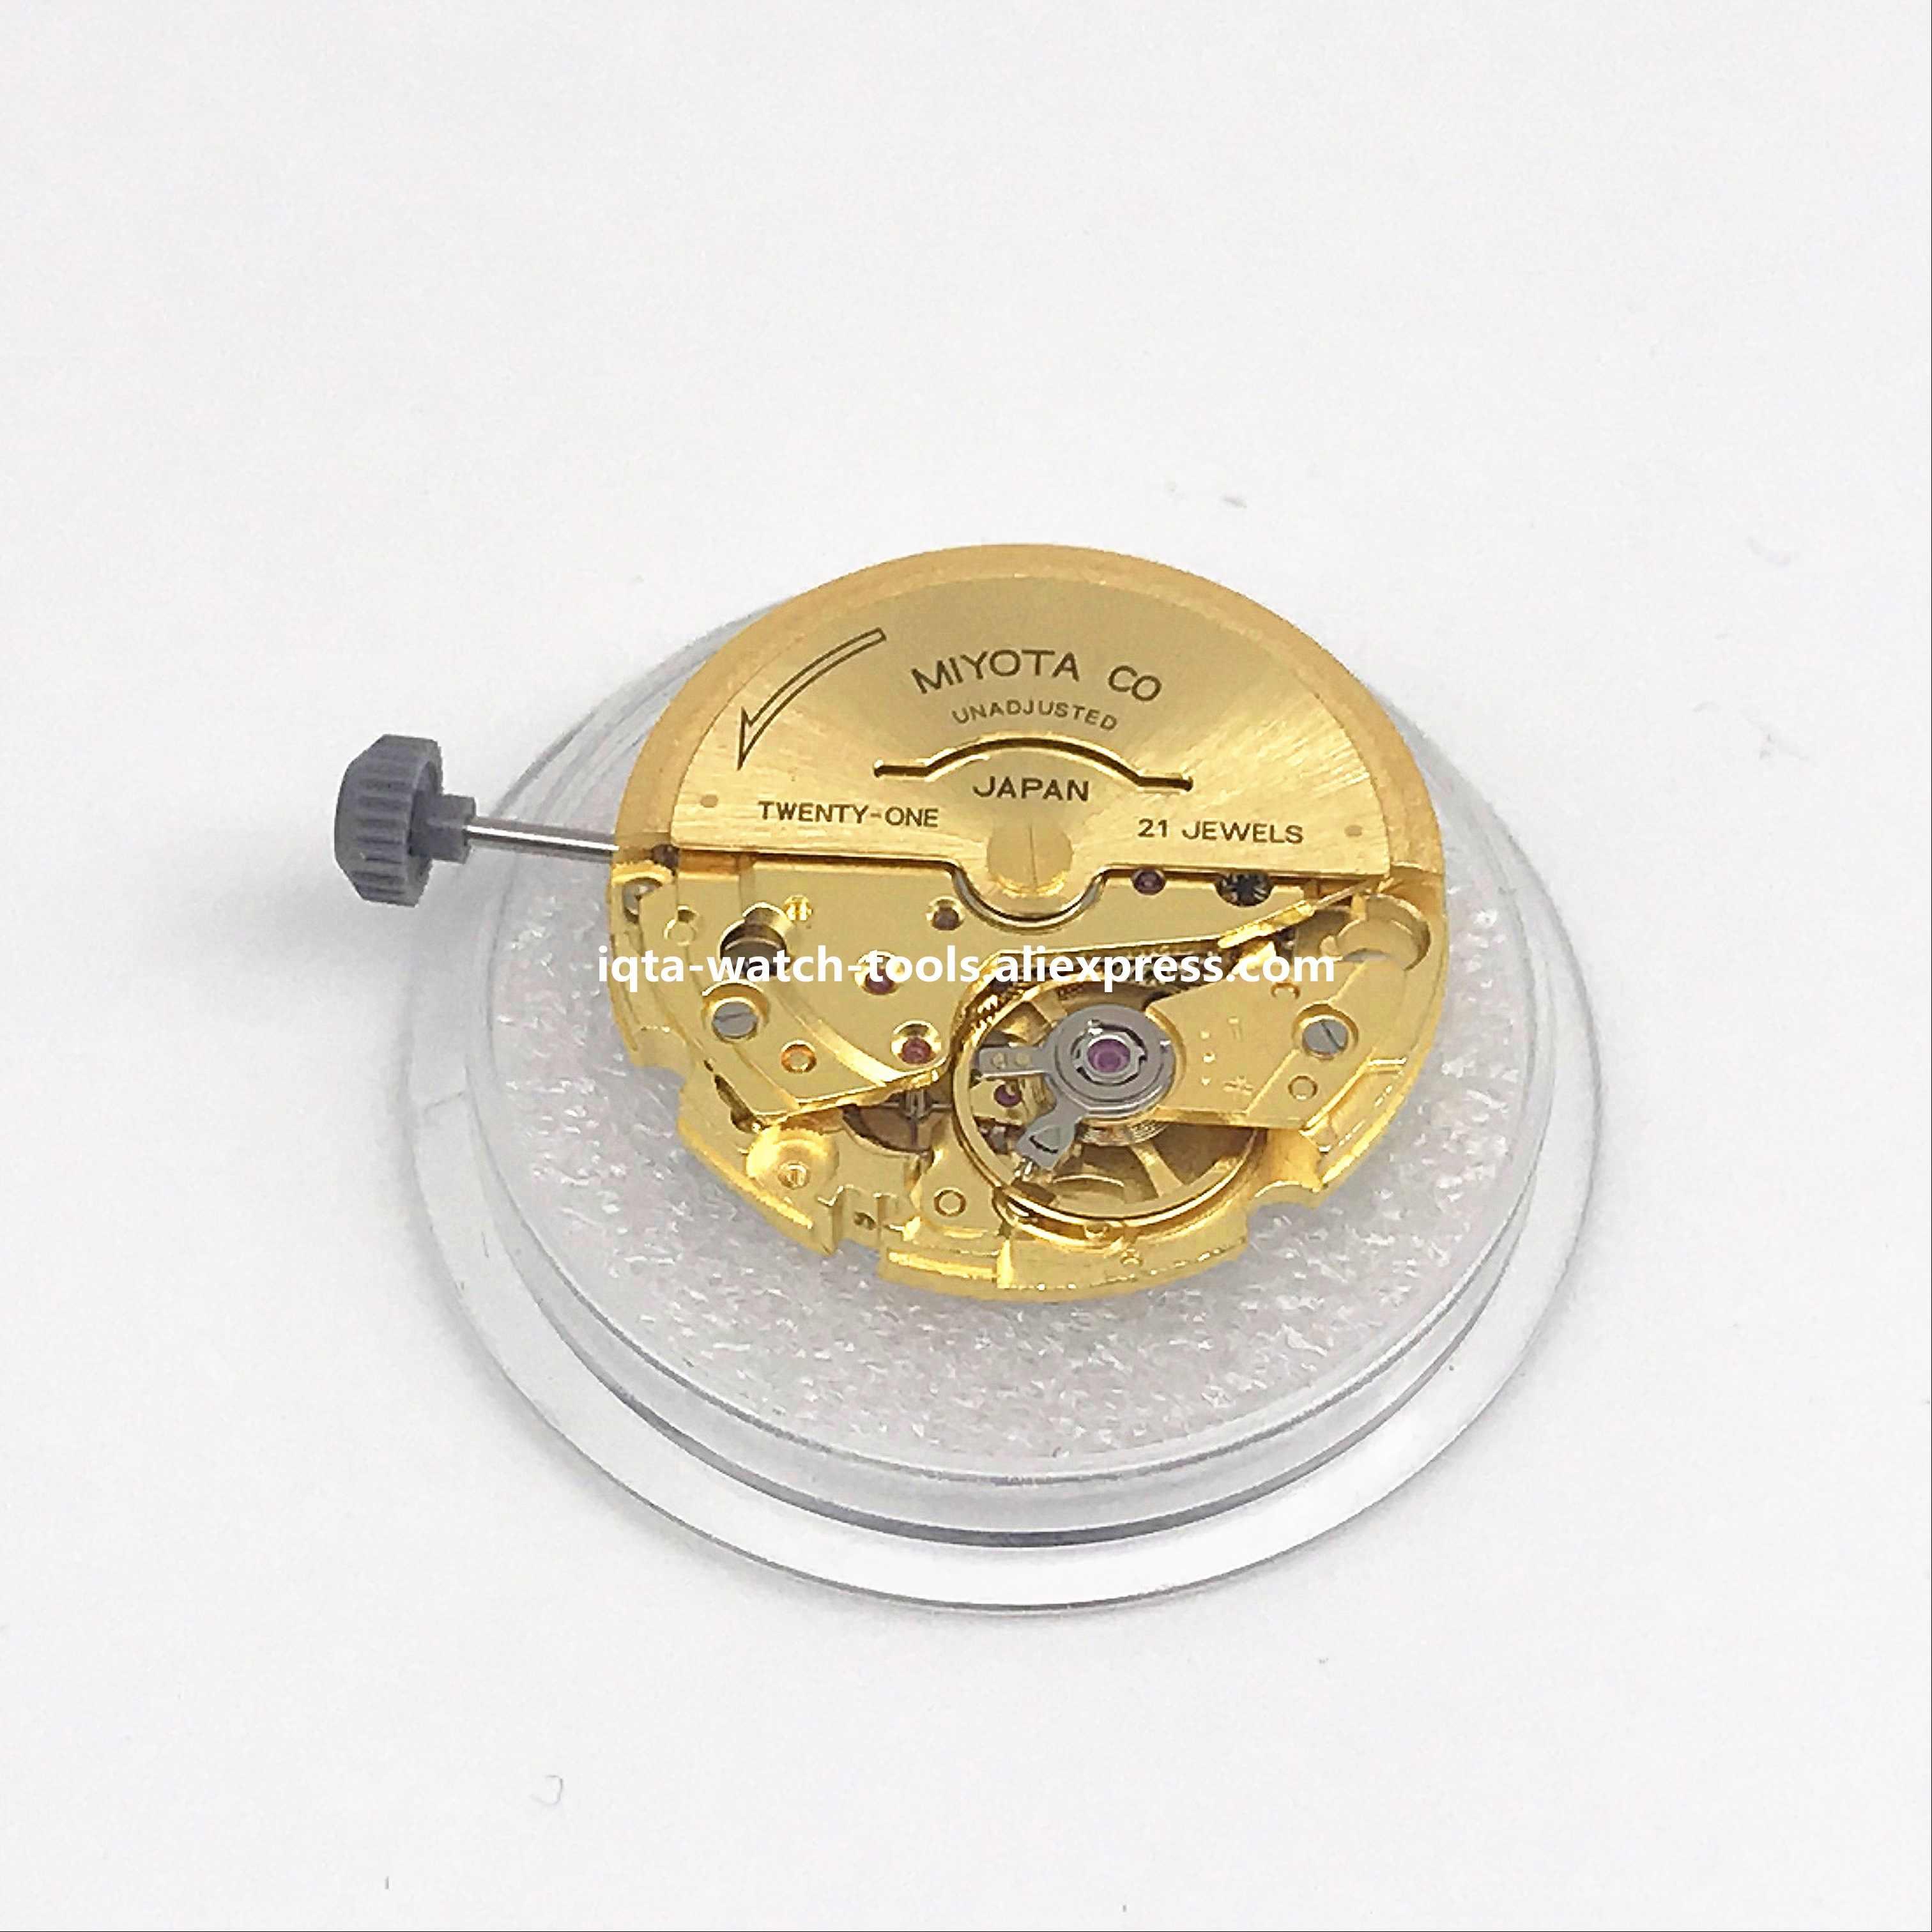 オリジナル日本運動御代田8200自動運動21宝石腕時計交換スペアパーツダブル/シングルカレンダー